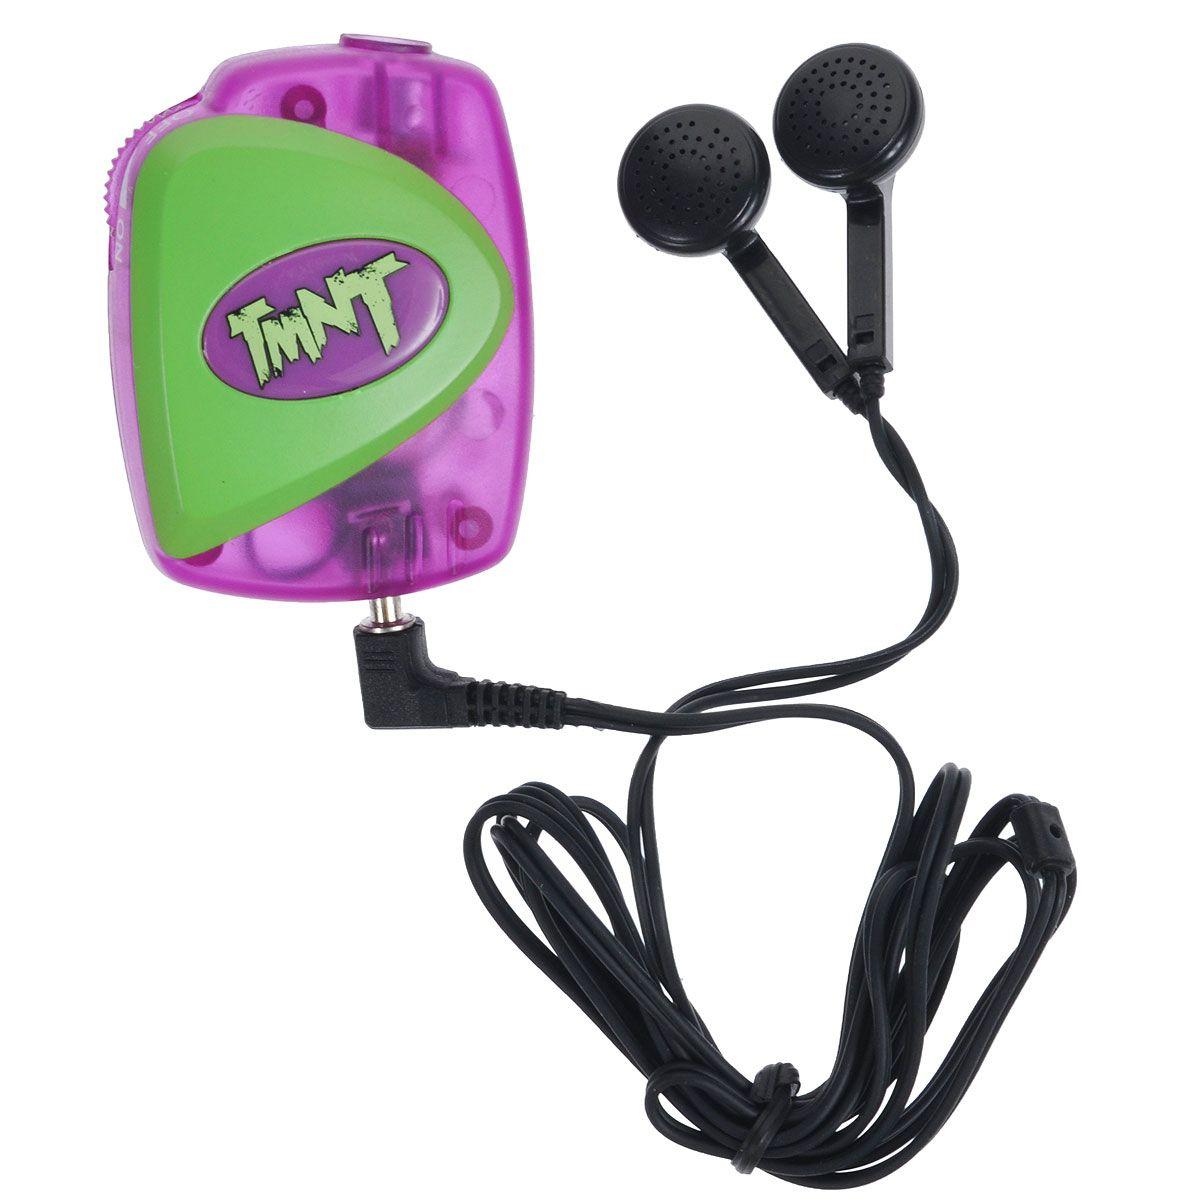 Компактное подслушивающее устройство шпиона «Черепашки-ниндзя»Шпионские игрушки. Наборы секретного агента<br>Компактное подслушивающее устройство шпиона «Черепашки-ниндзя»<br>